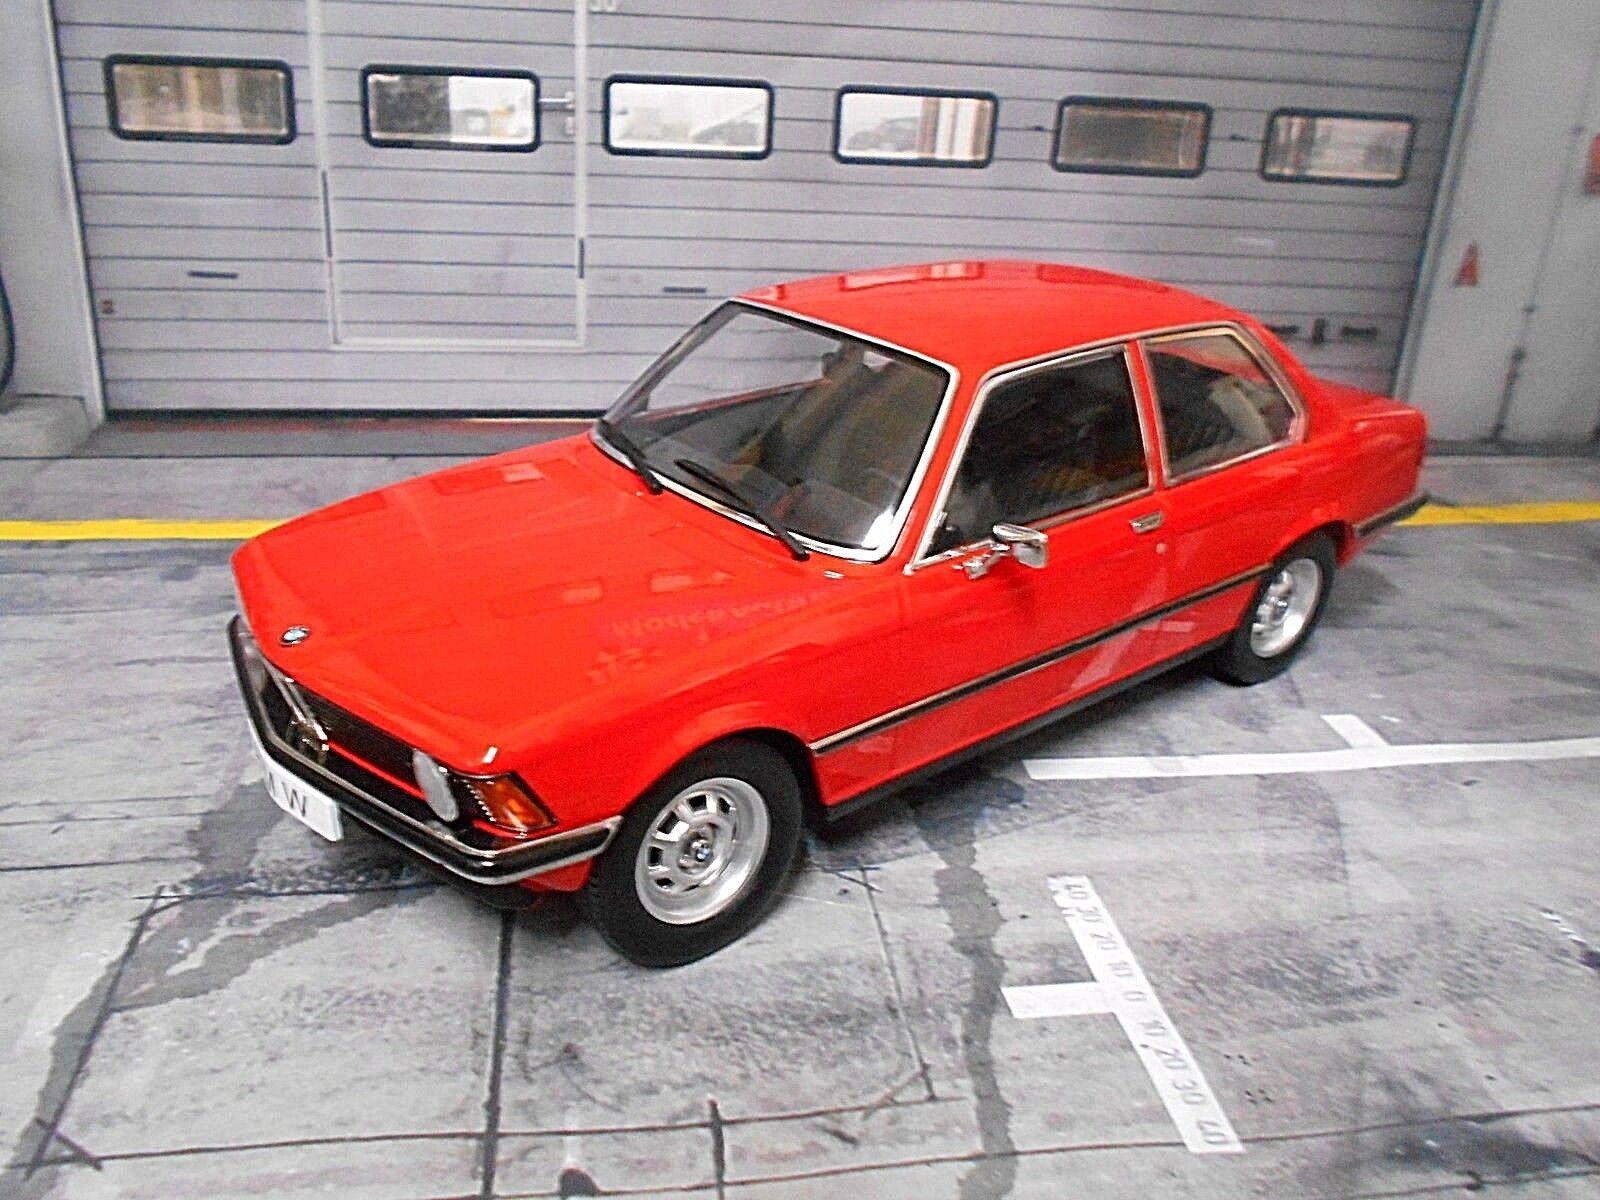 BMW 318i 318 3er 3er 3er Reihe E21 rot rot 1975 Metall NEU Resine KK  1 1500 1 18  | Won hoch geschätzt und weithin vertraut im in- und Ausland vertraut  6ce211